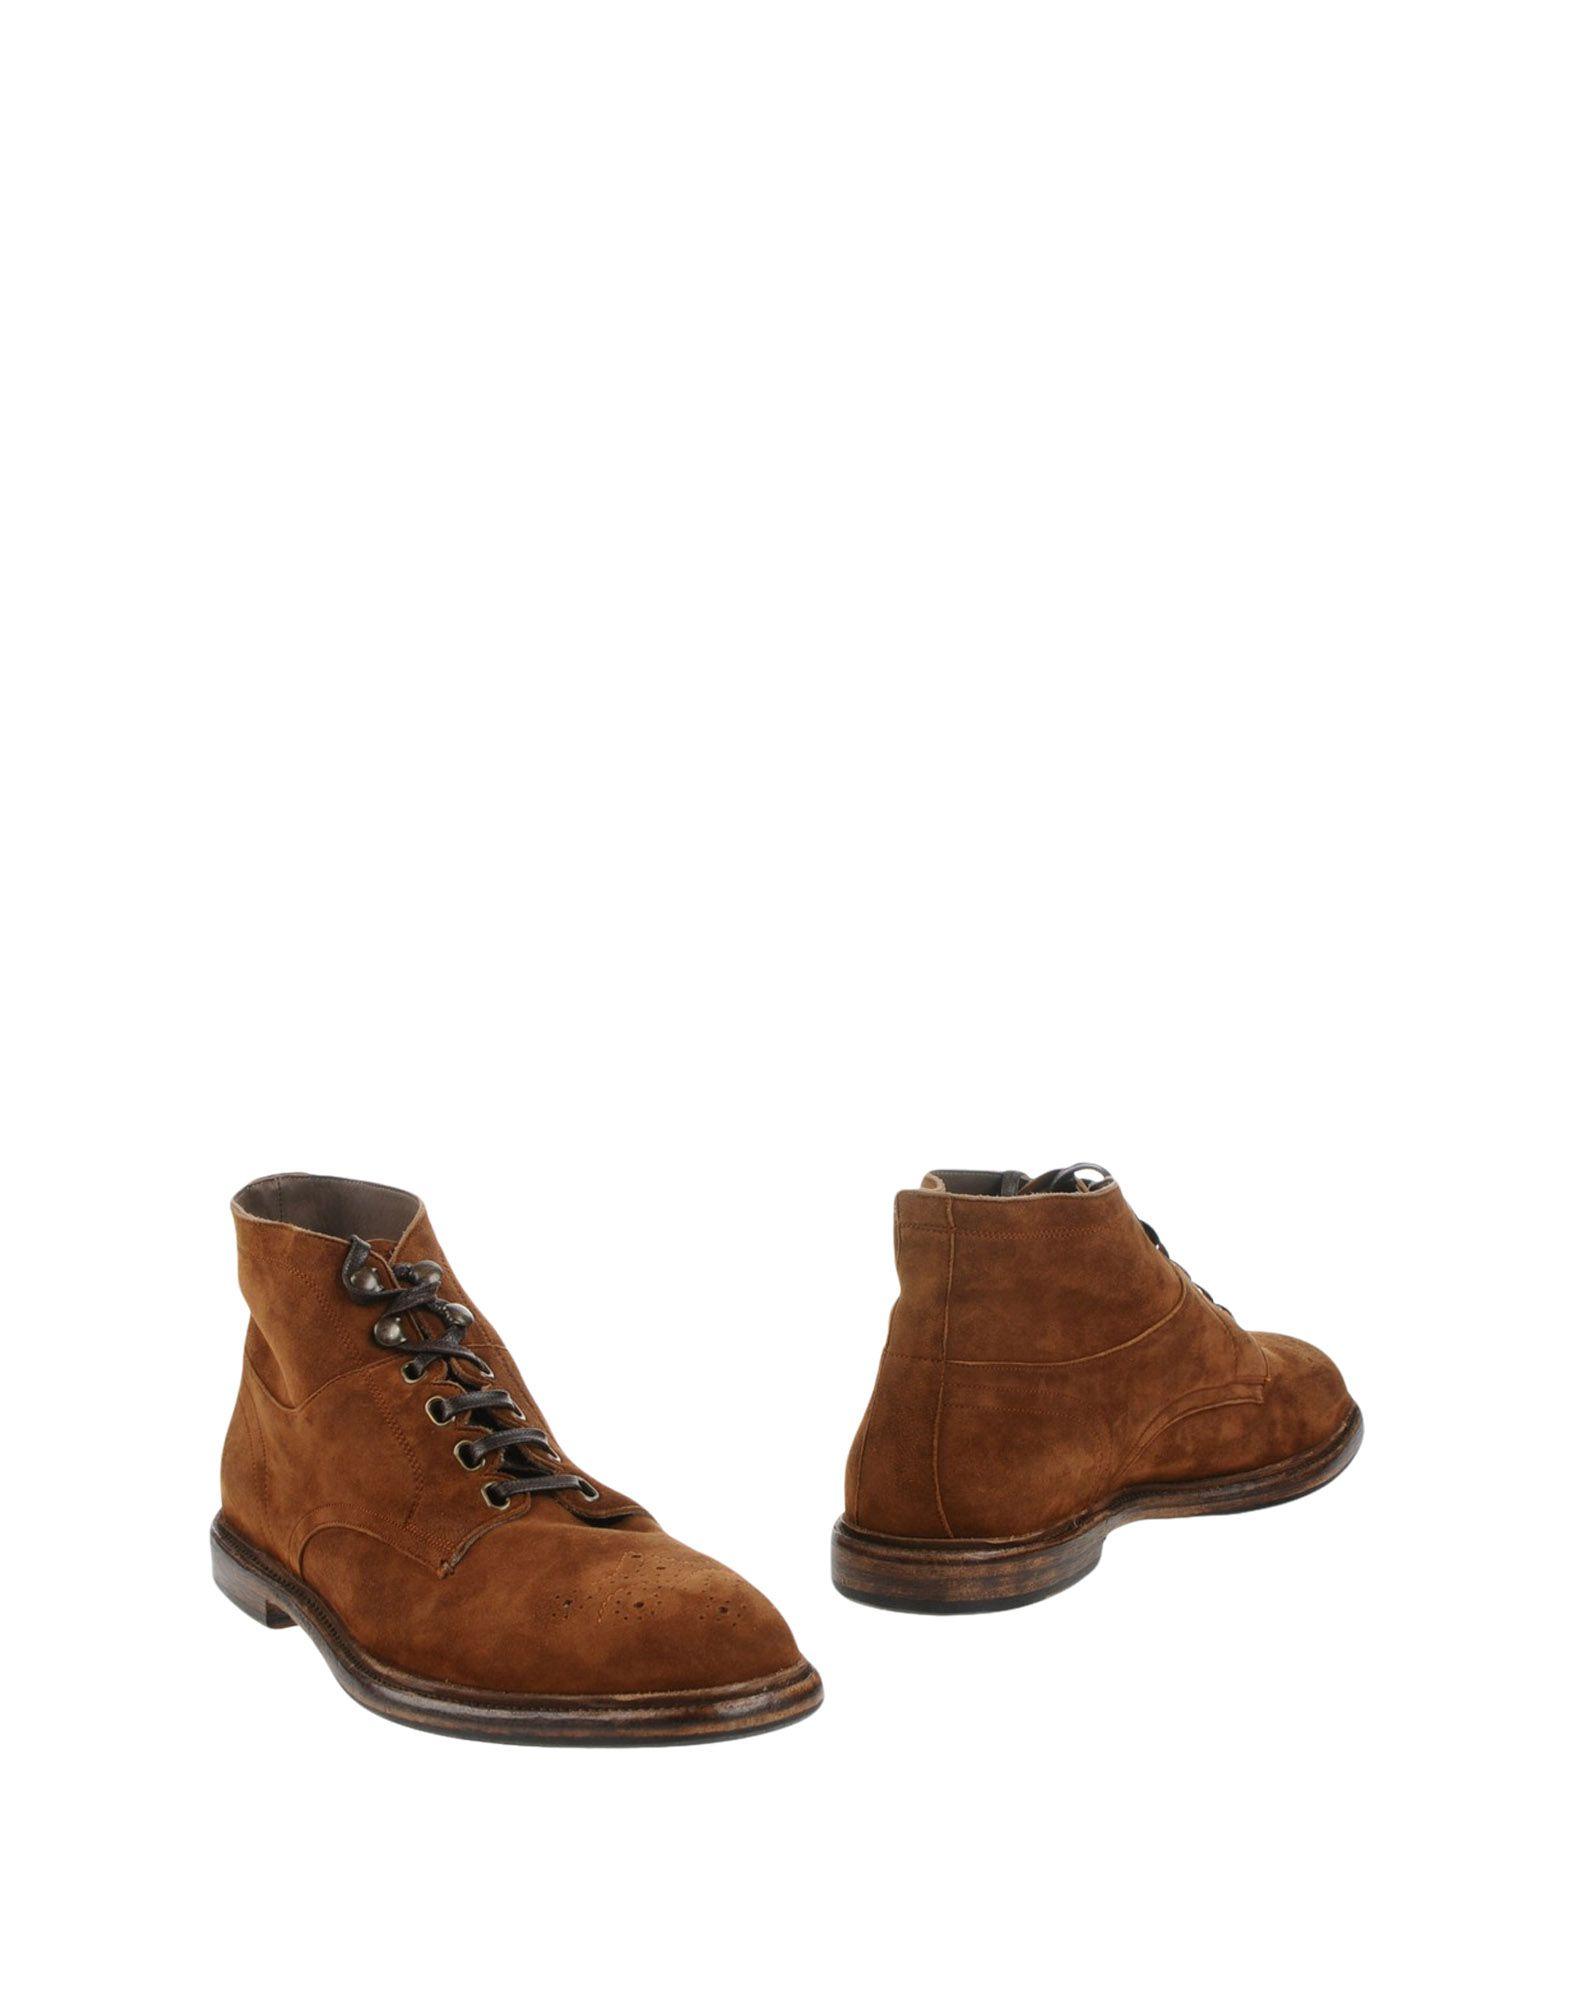 Dolce & Gabbana Stiefelette Herren  11214791RG Gute Qualität beliebte Schuhe